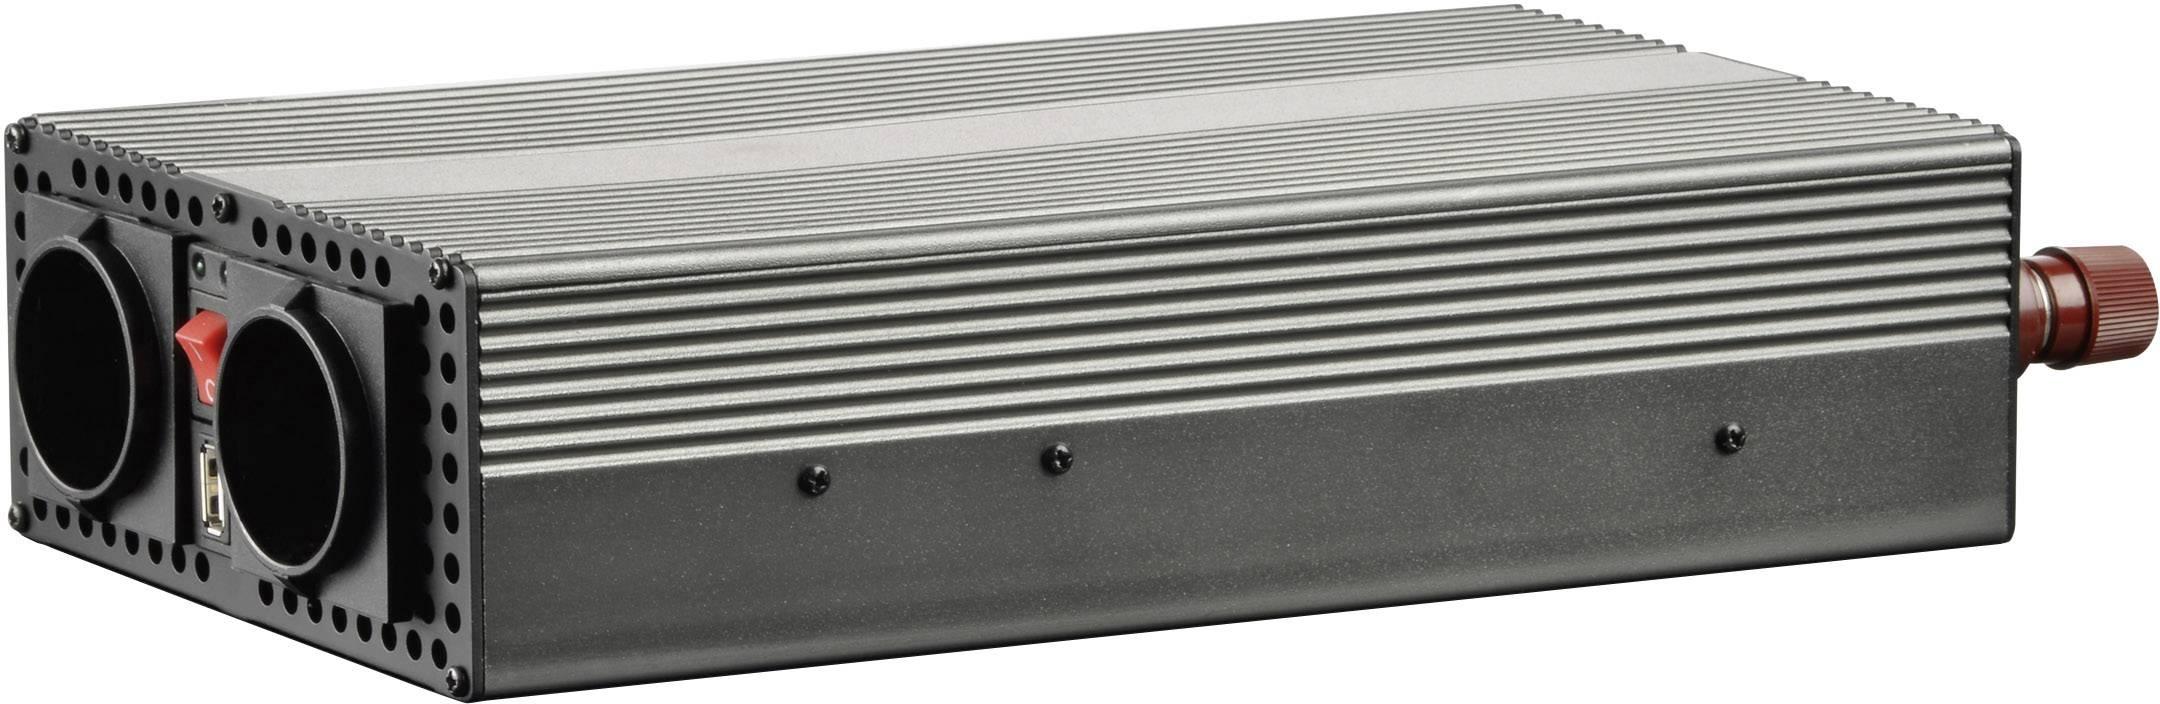 Menič napätia Voltcraft MSW 1200-12-F, USB, SK/CZ zásuvka